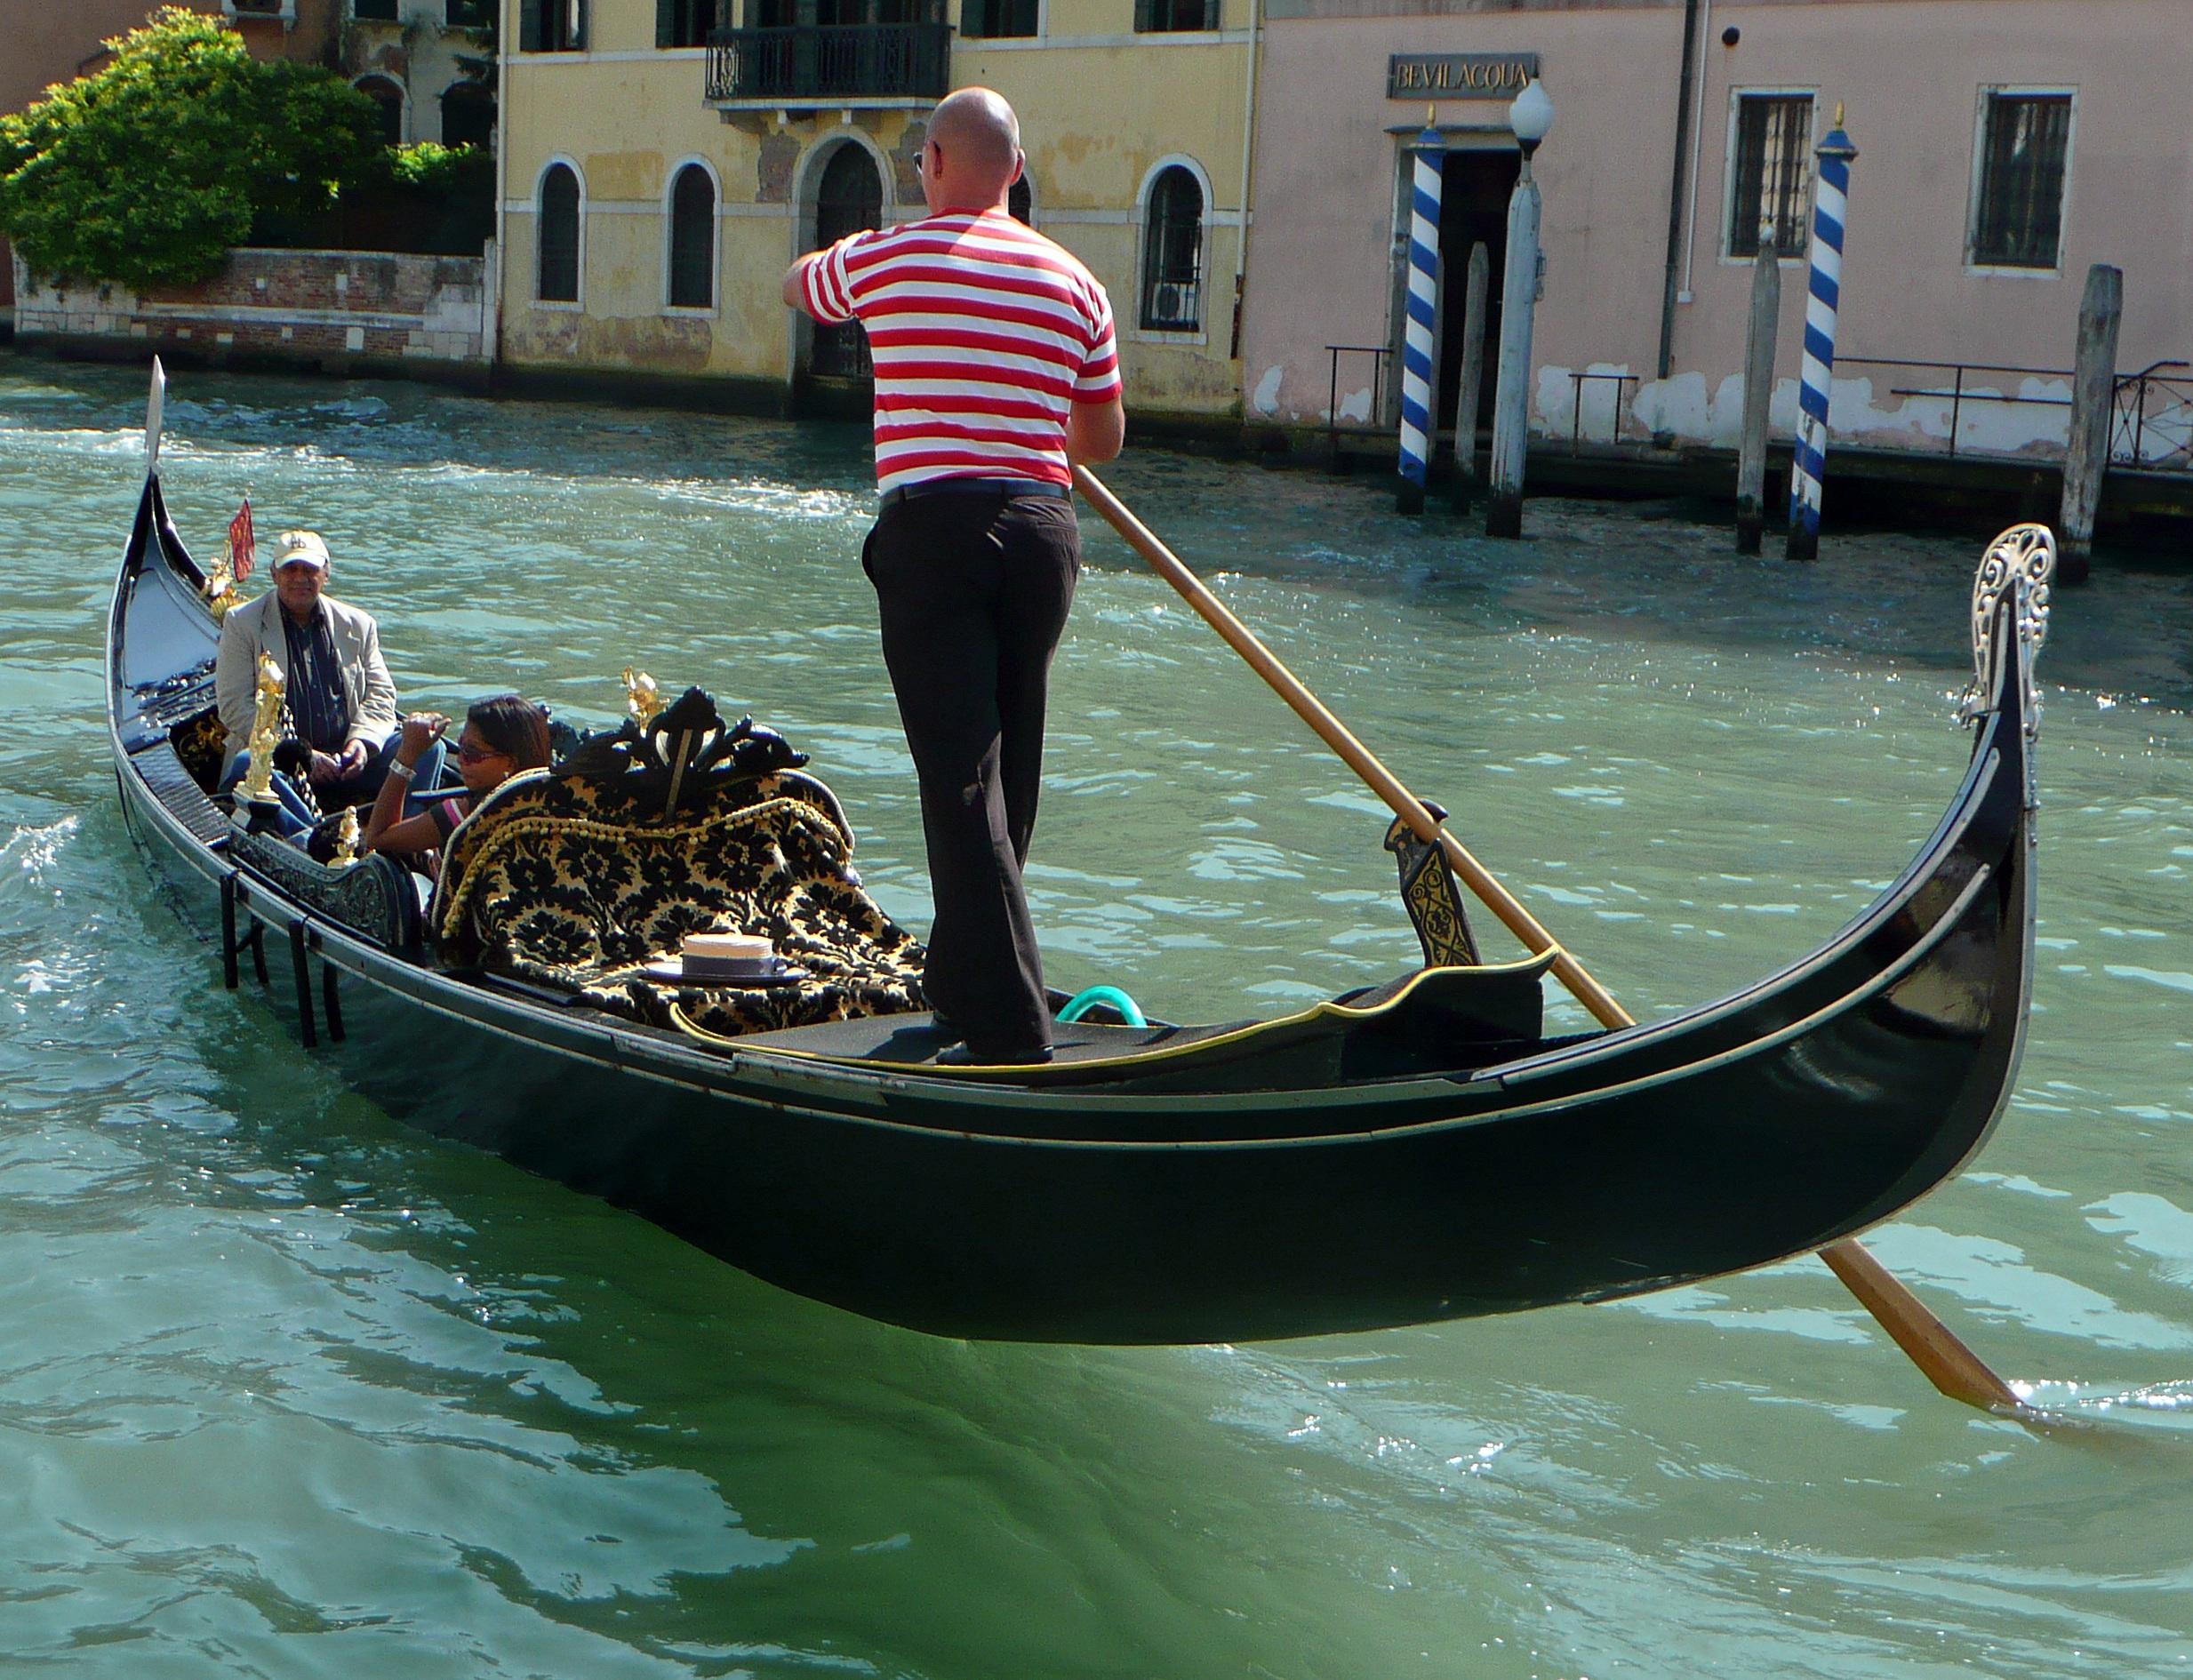 Venice Italy Street Fashion